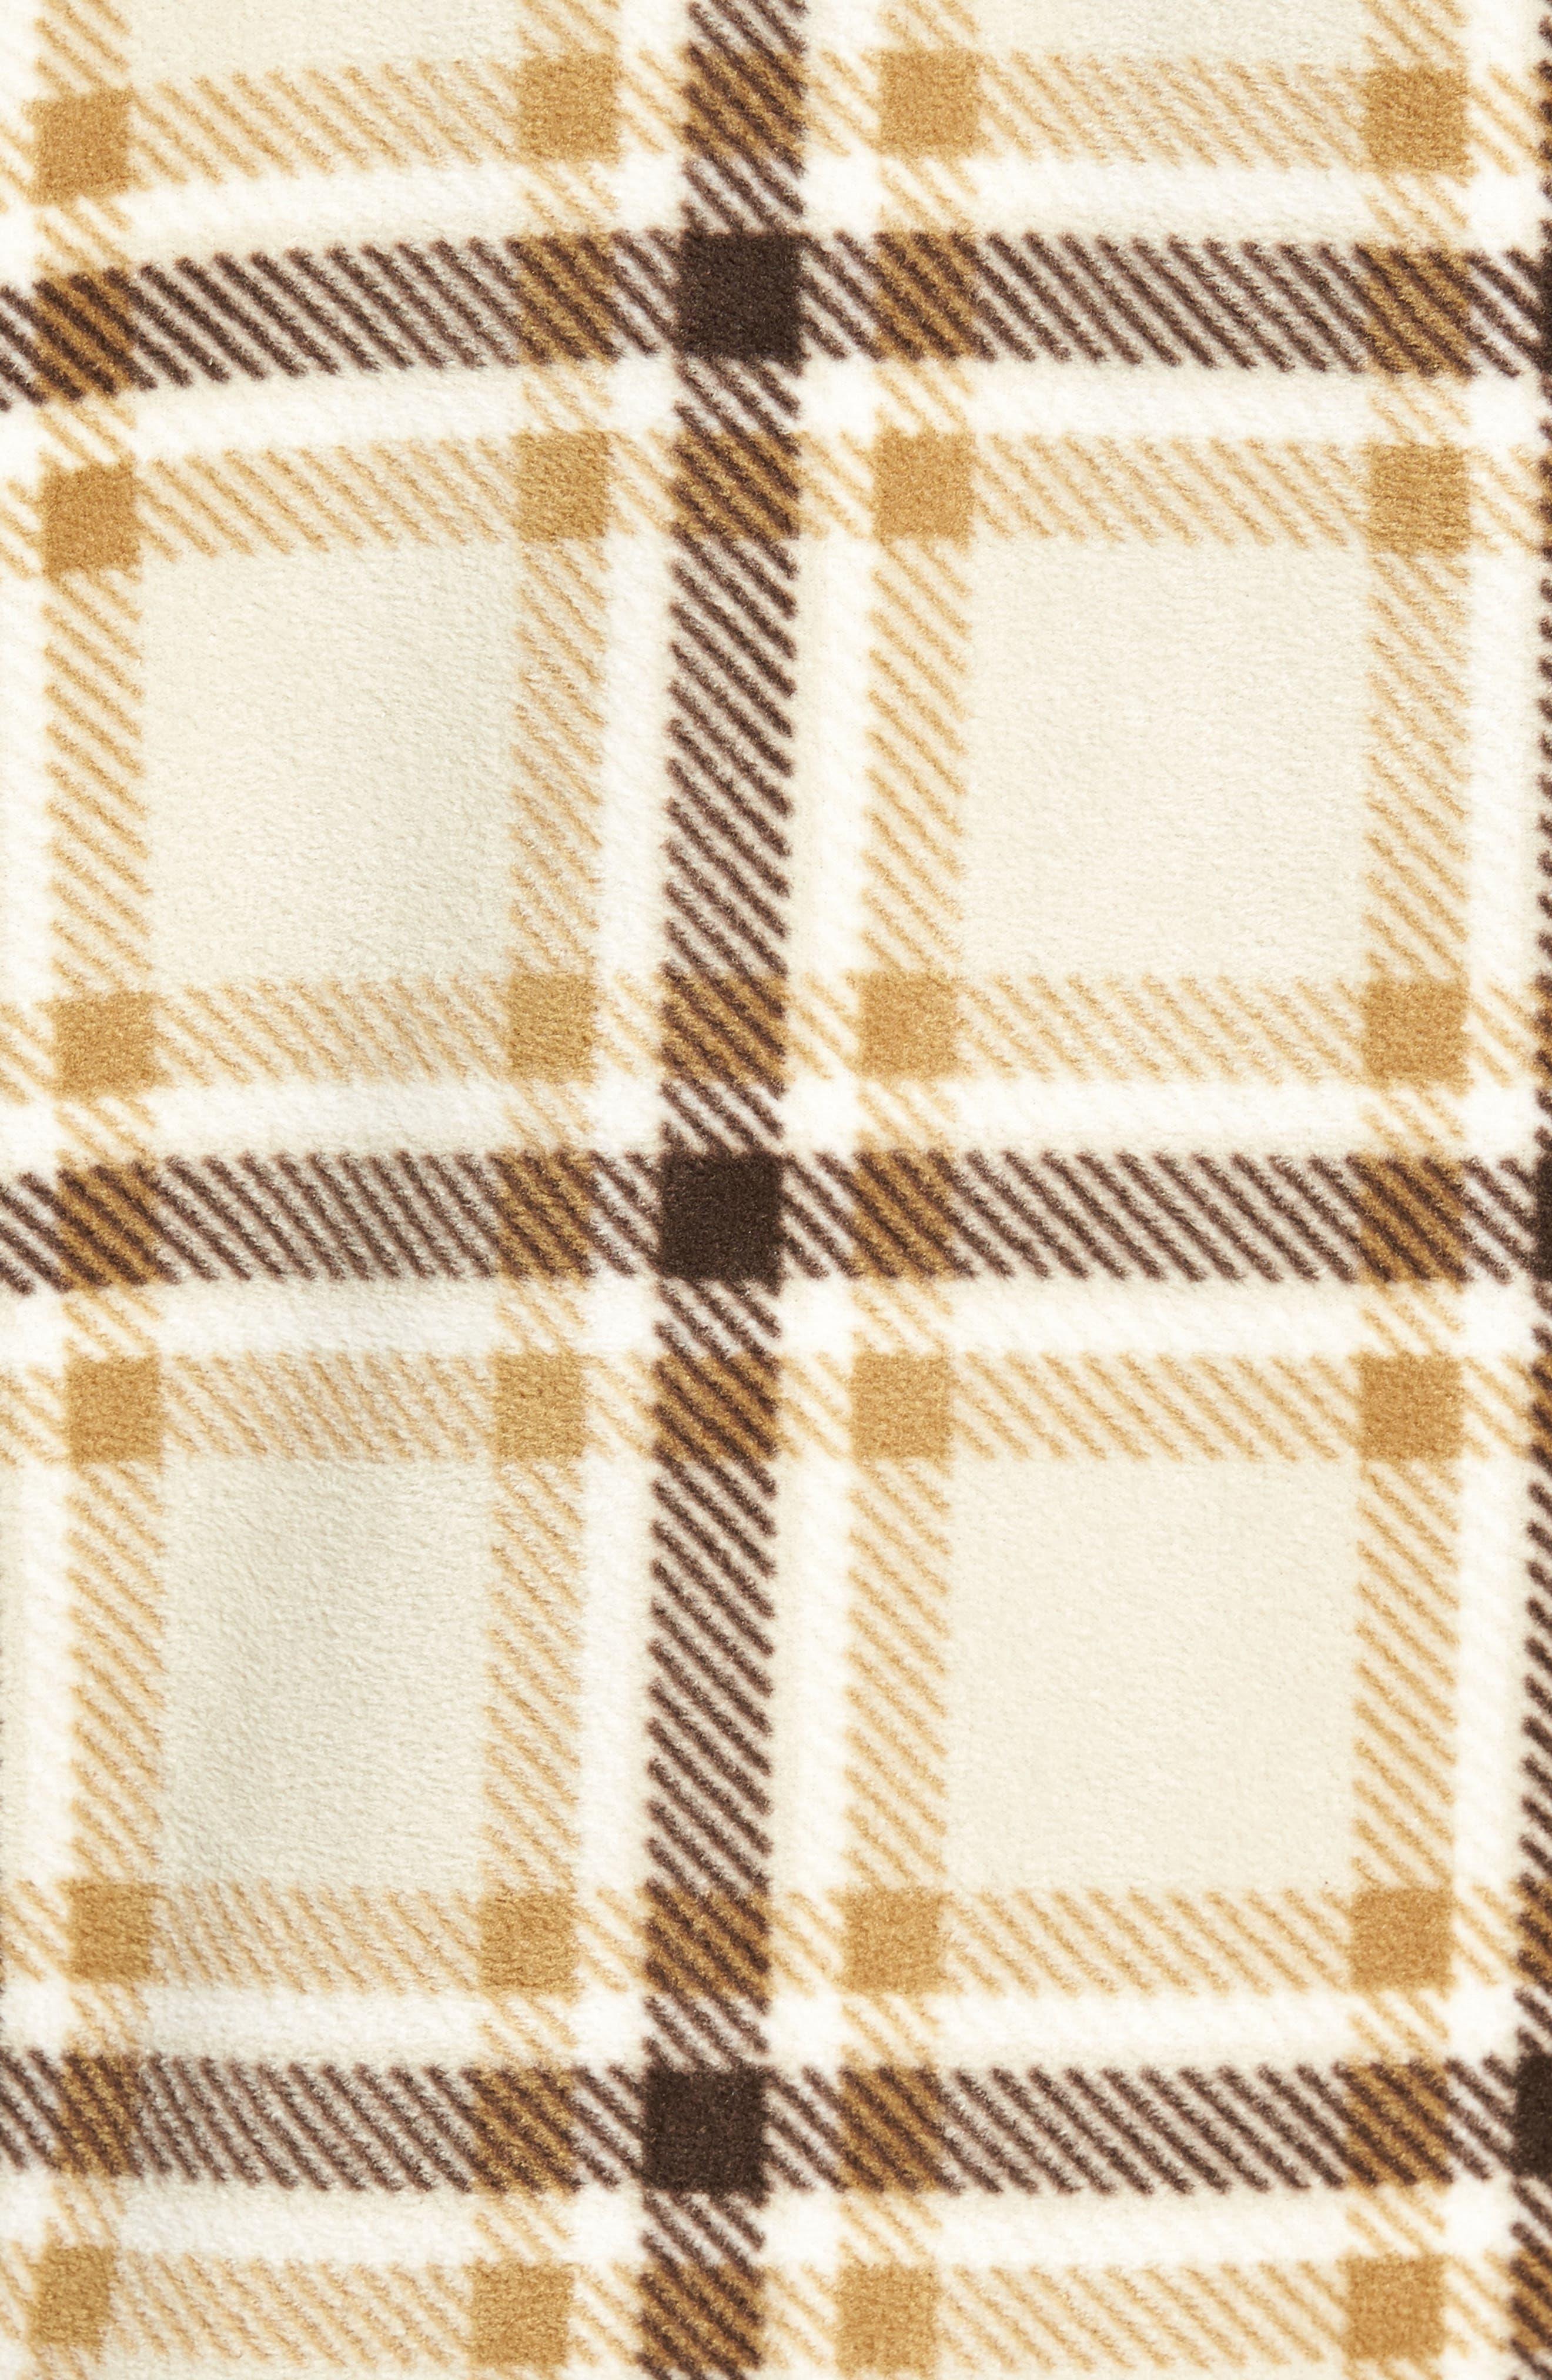 Glacier Heat Dome Plaid Fleece Shirt,                             Alternate thumbnail 5, color,                             250